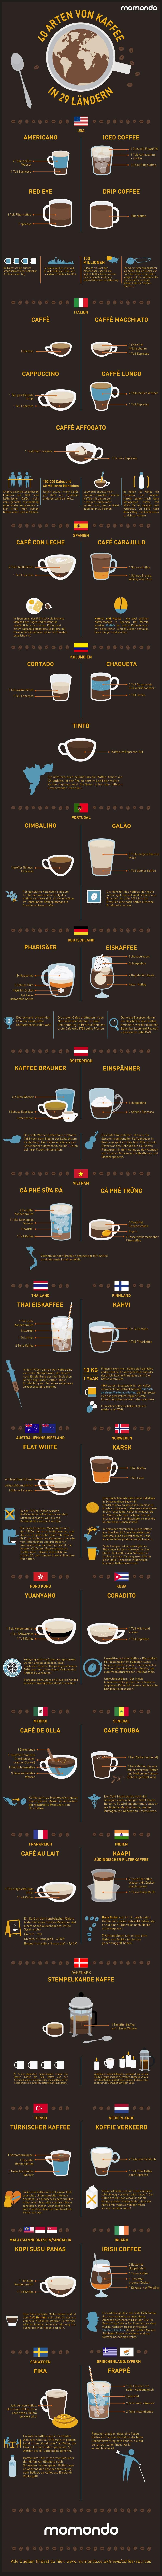 infografik-kaffee-arten-weltweit